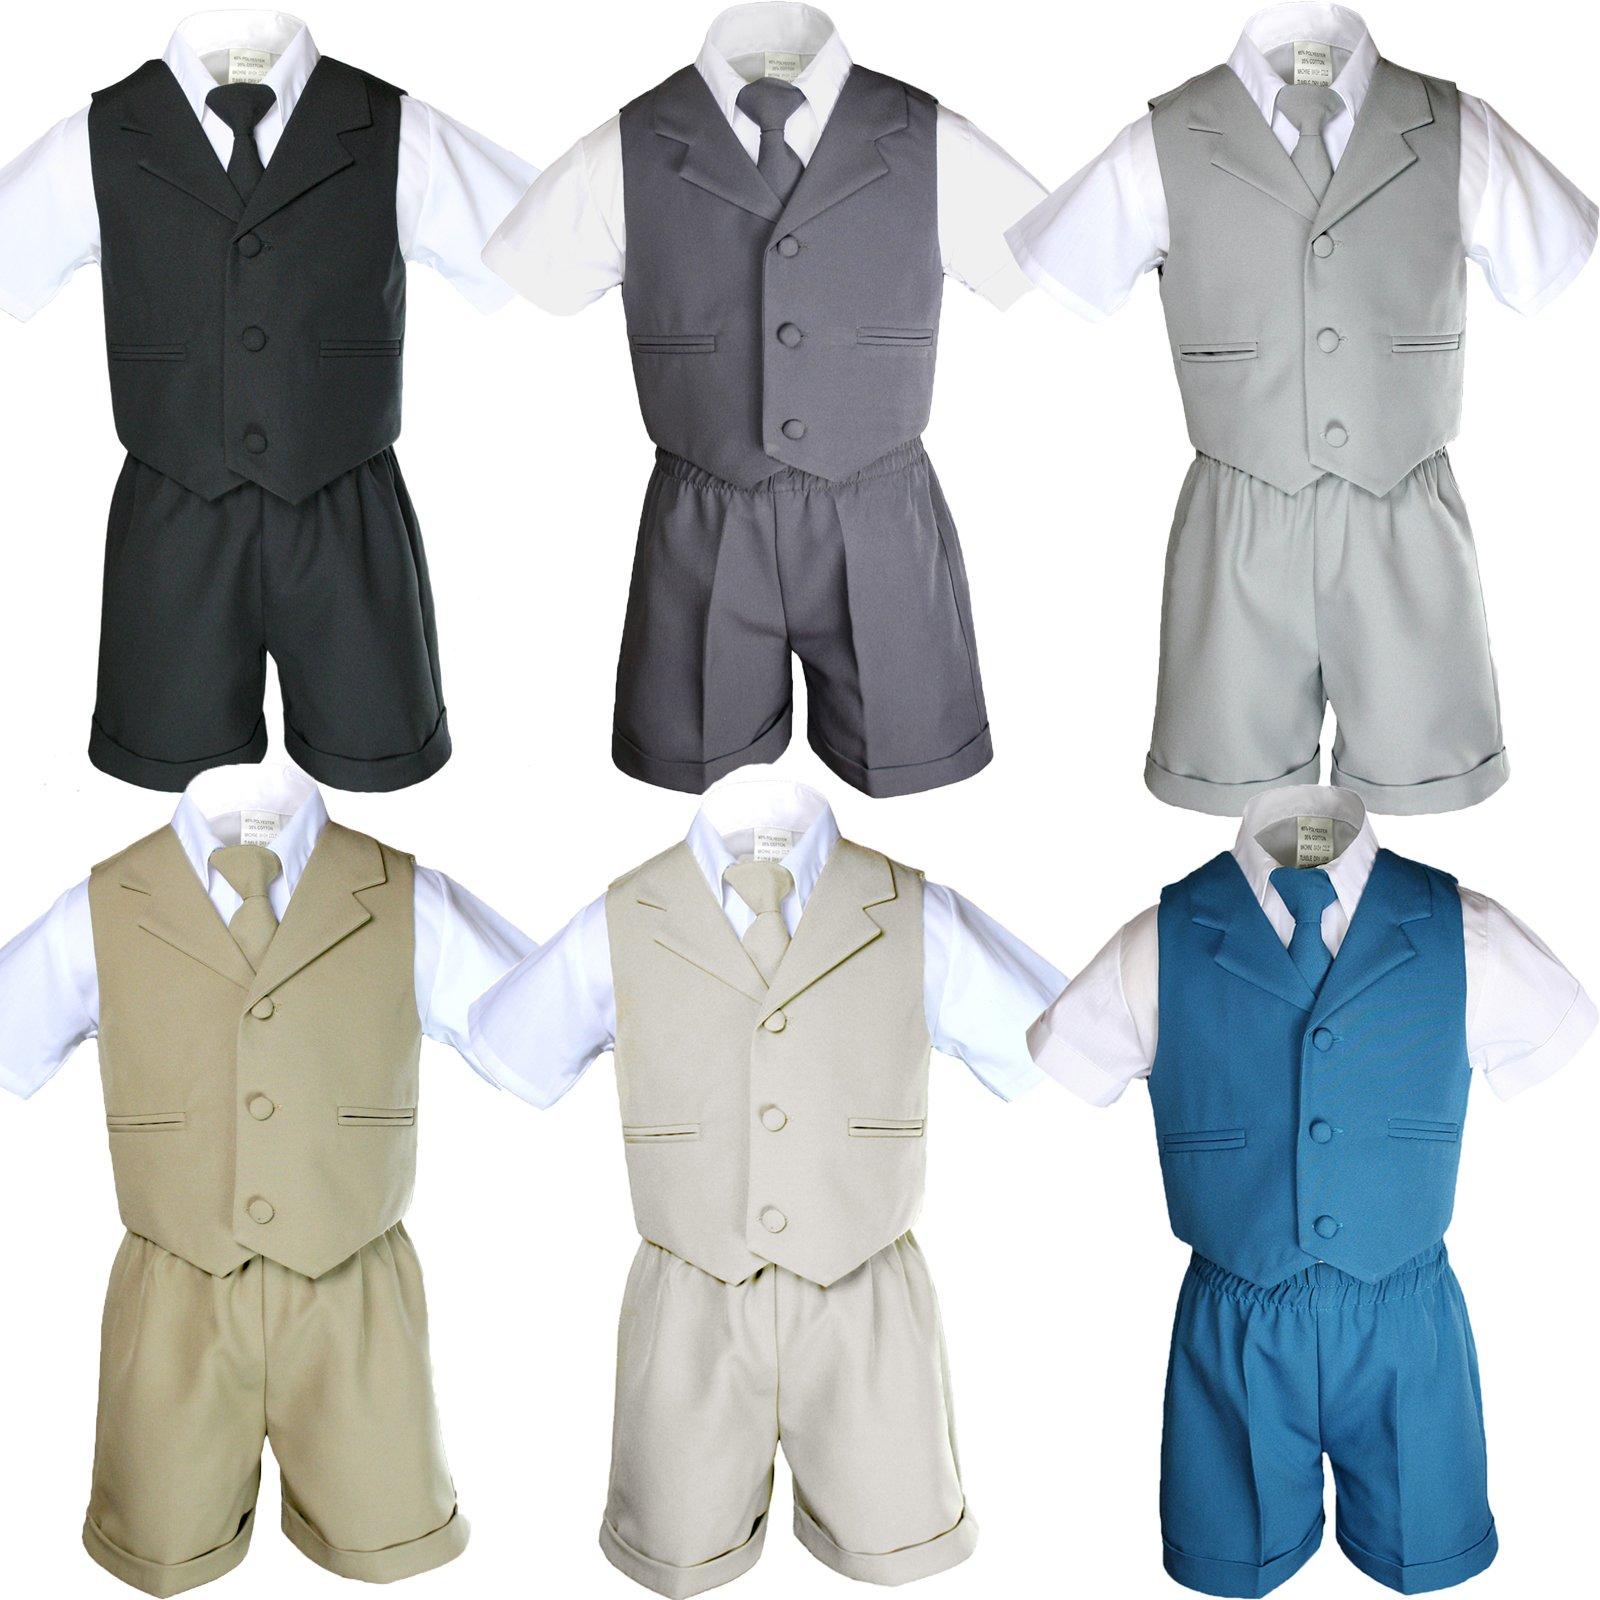 4pc Boy Infant Baby Formal Party Wedding Eton Vest Shorts Suit set Size Sm-4T (3T, Khaki)